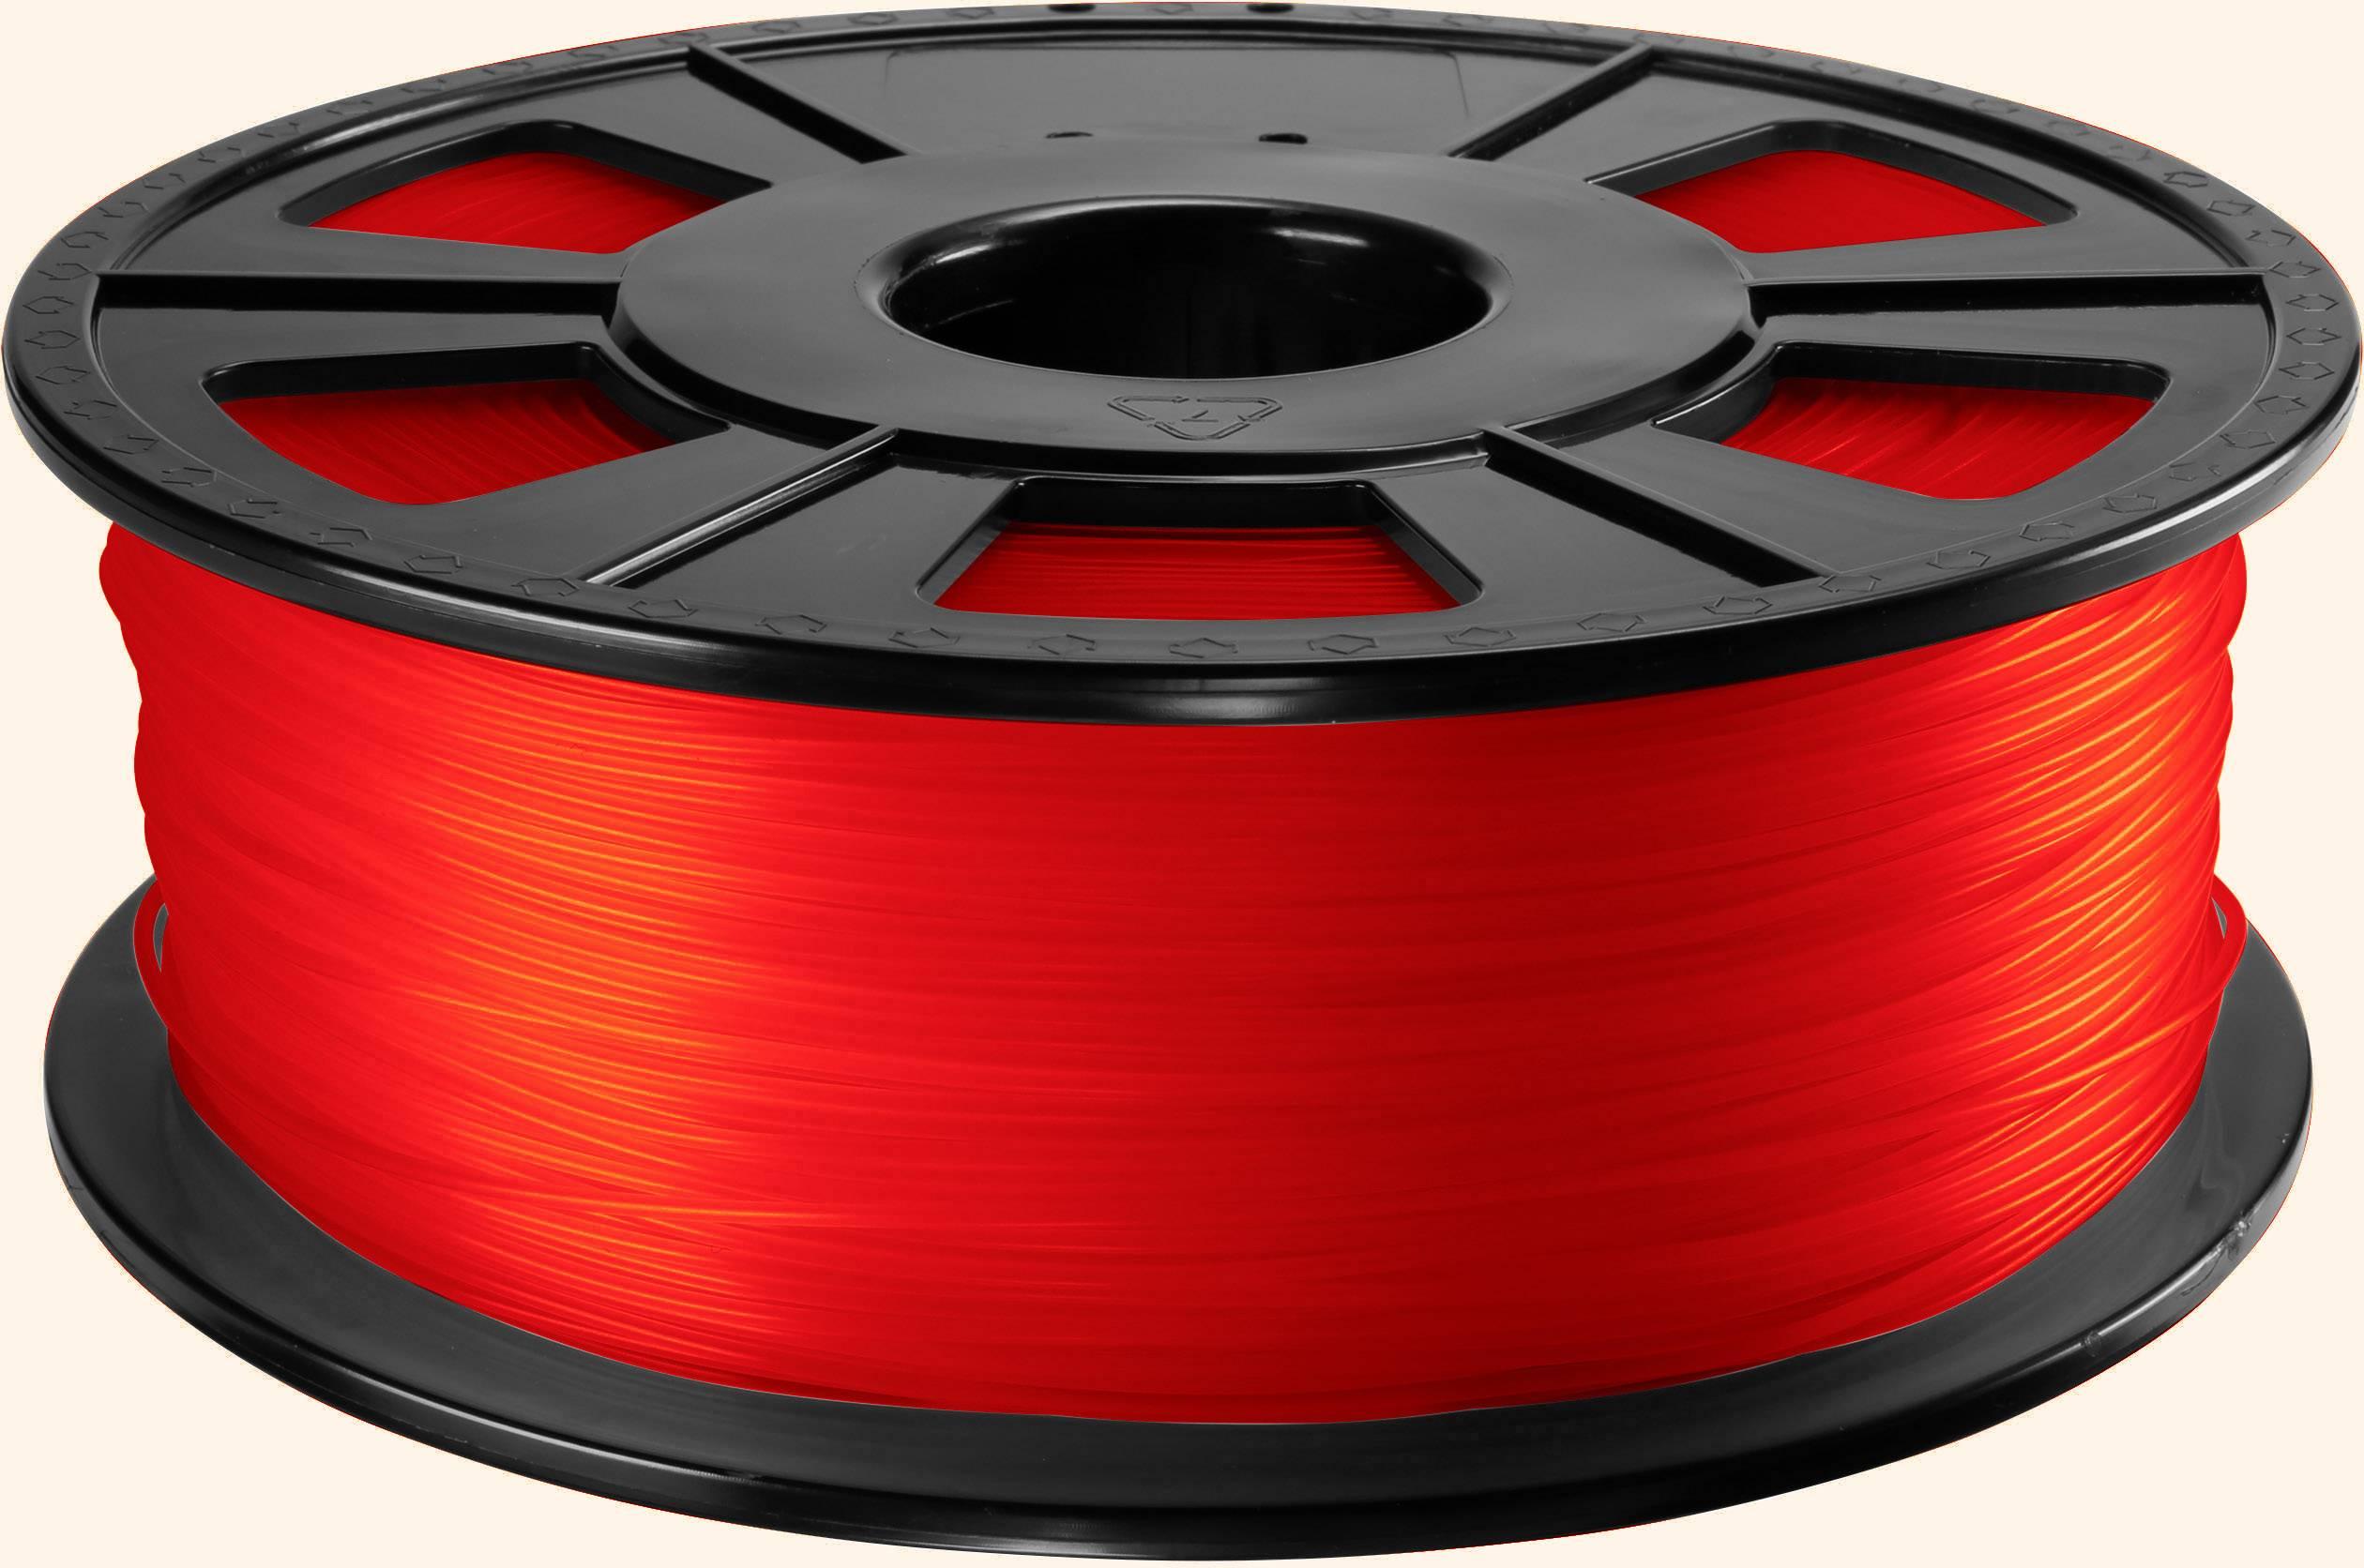 Vlákno pro 3D tiskárny Renkforce 01.04.01.1104, PLA plast, 1.75 mm, 1 kg, červená